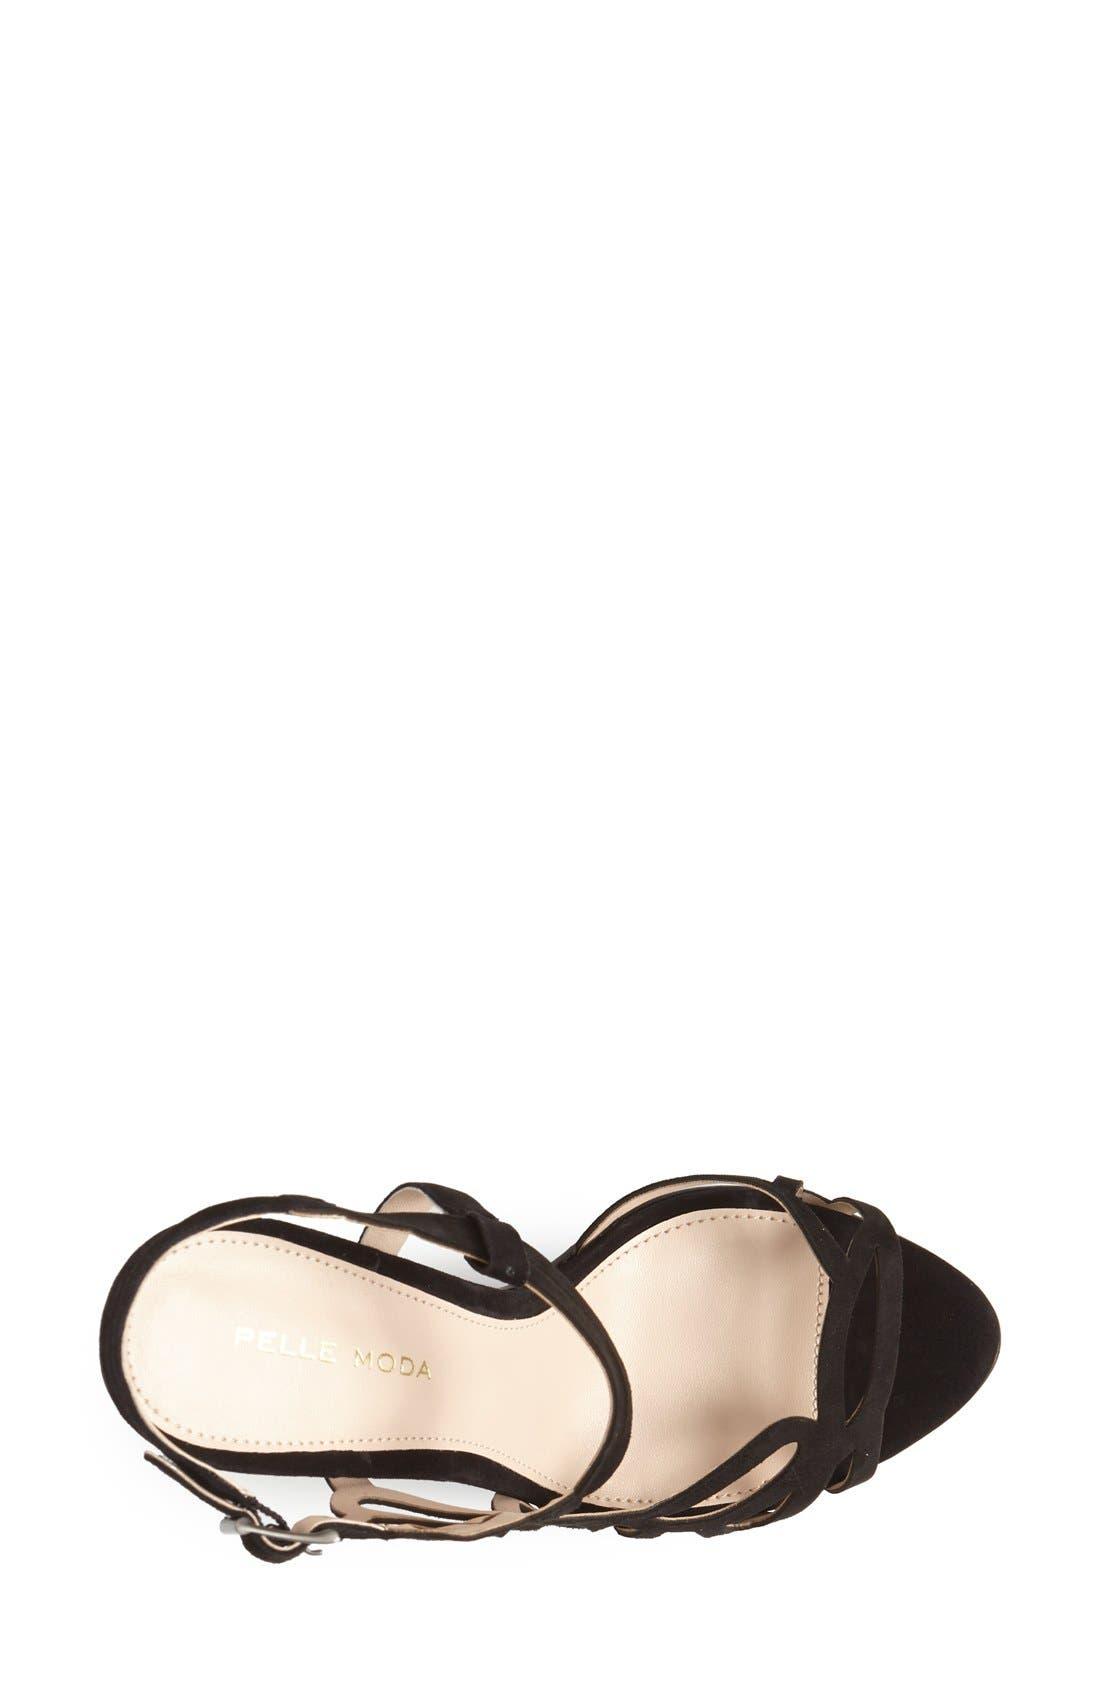 Alternate Image 3  - Pelle Moda 'Fey' Suede Sandal (Women)